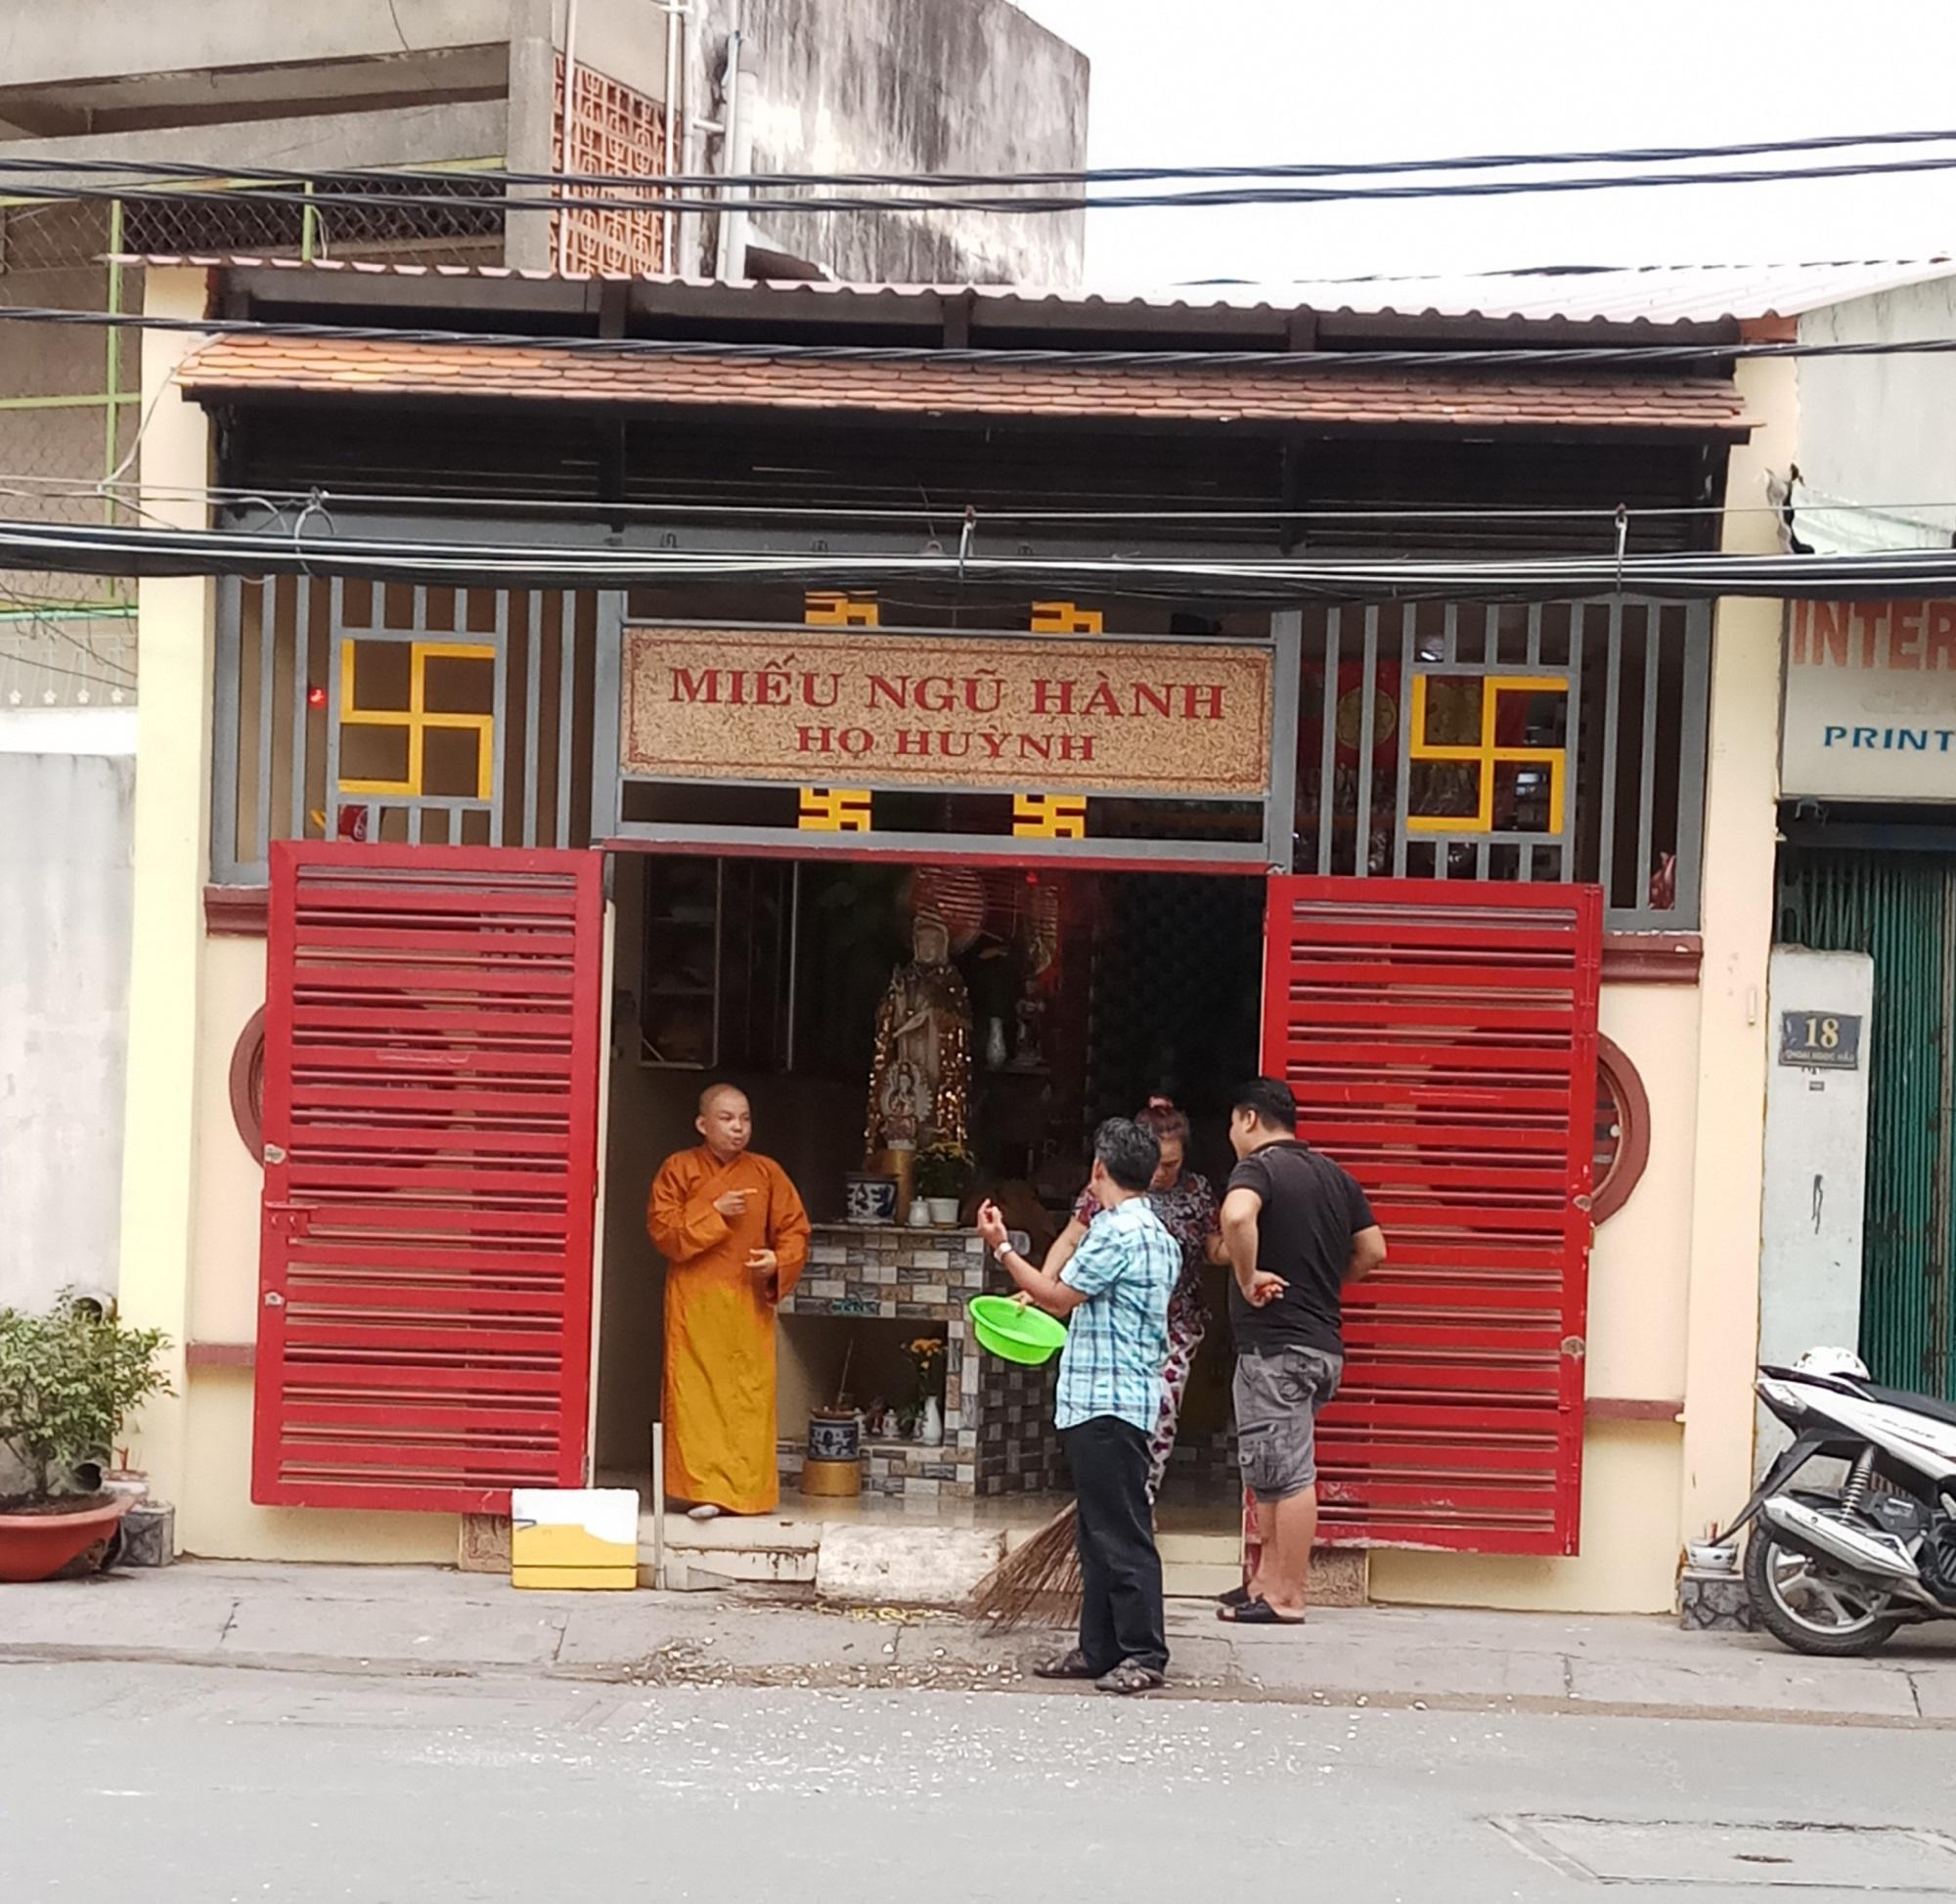 Thanh niên nghi ngáo đá xông vào đập phá miếu thờ tại quận Tân Phú - Ảnh 1